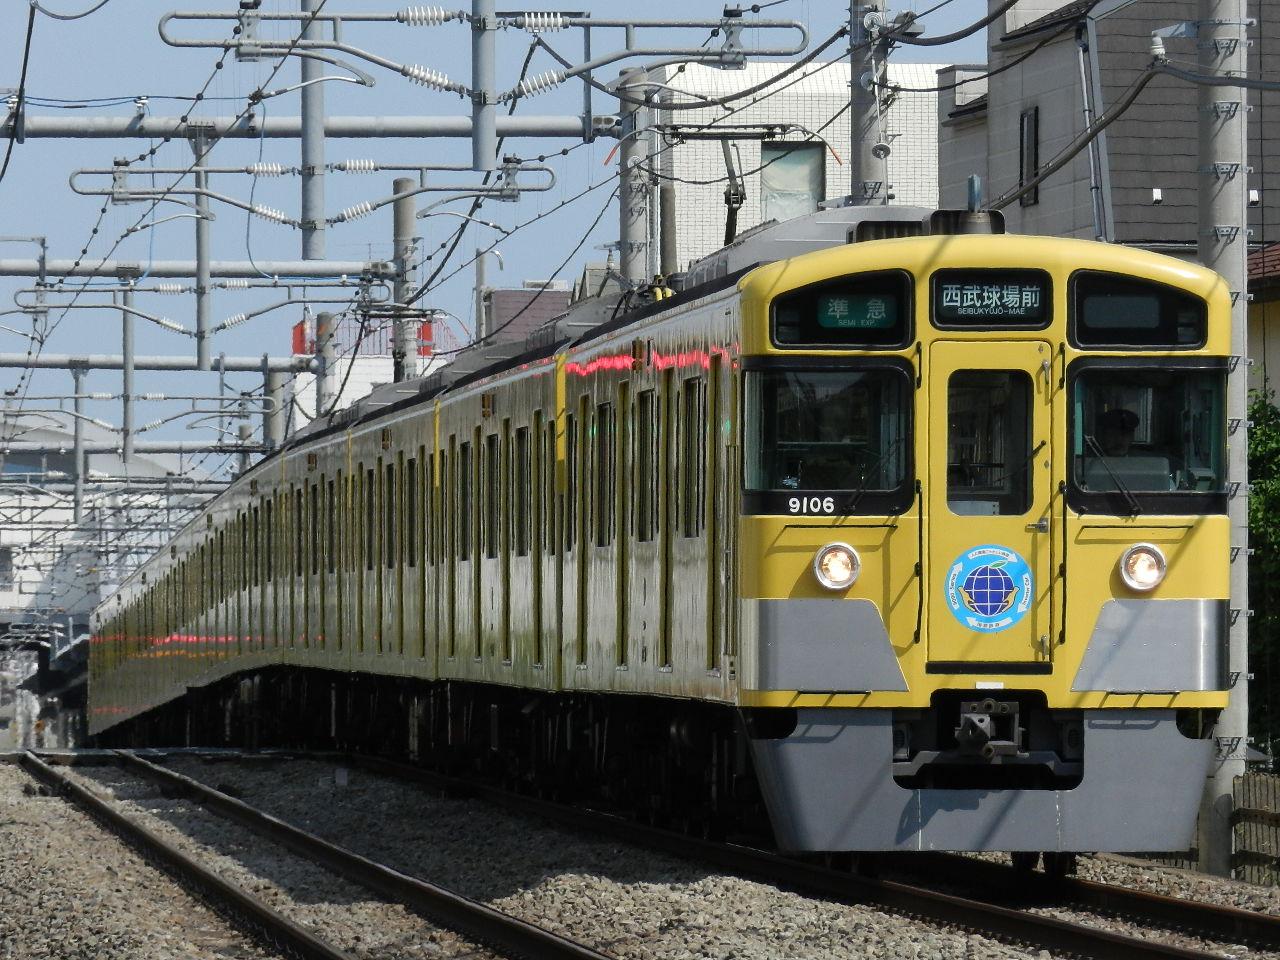 DSCN5583.jpg